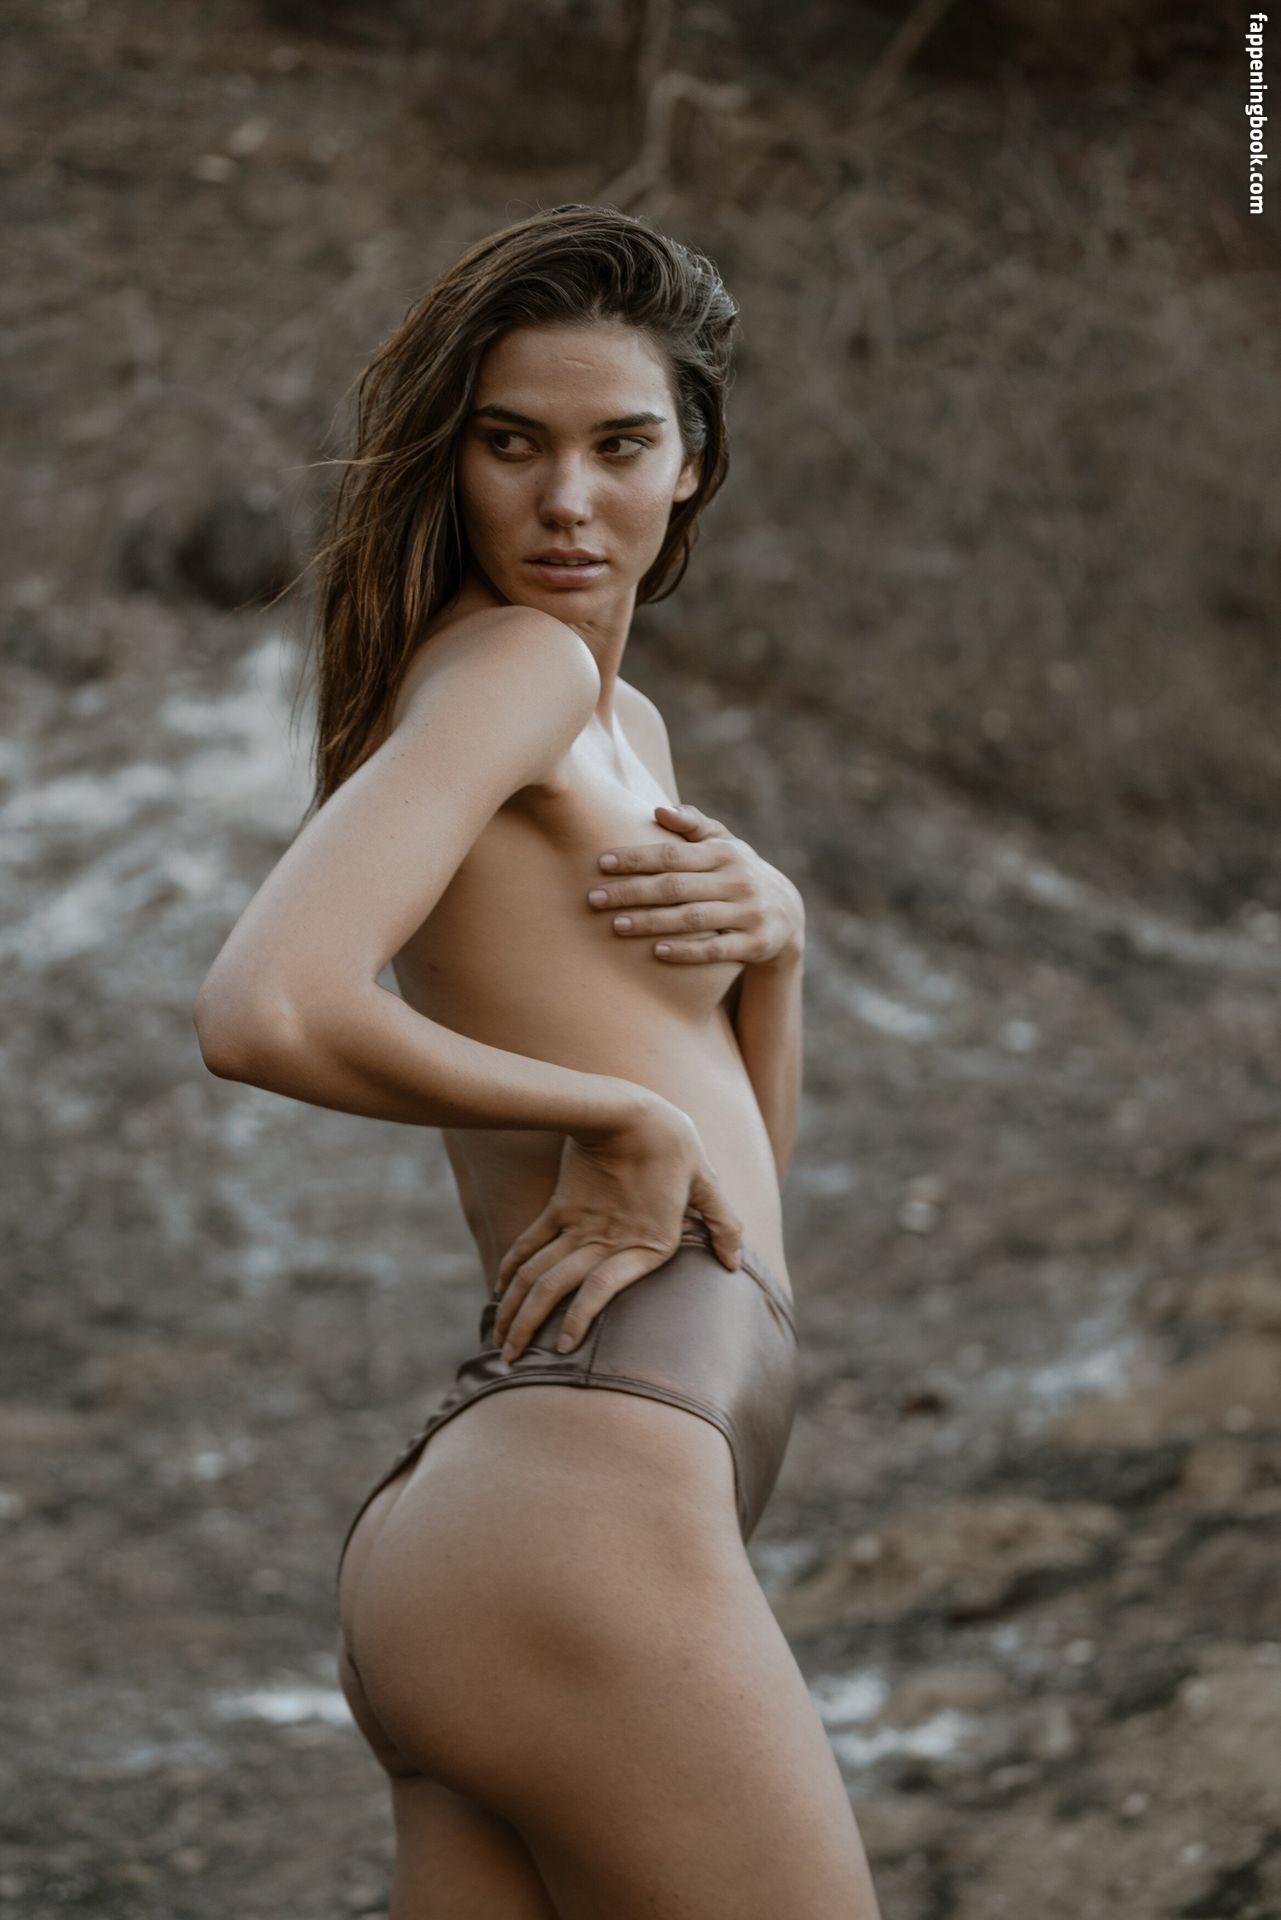 Kristen Knittle